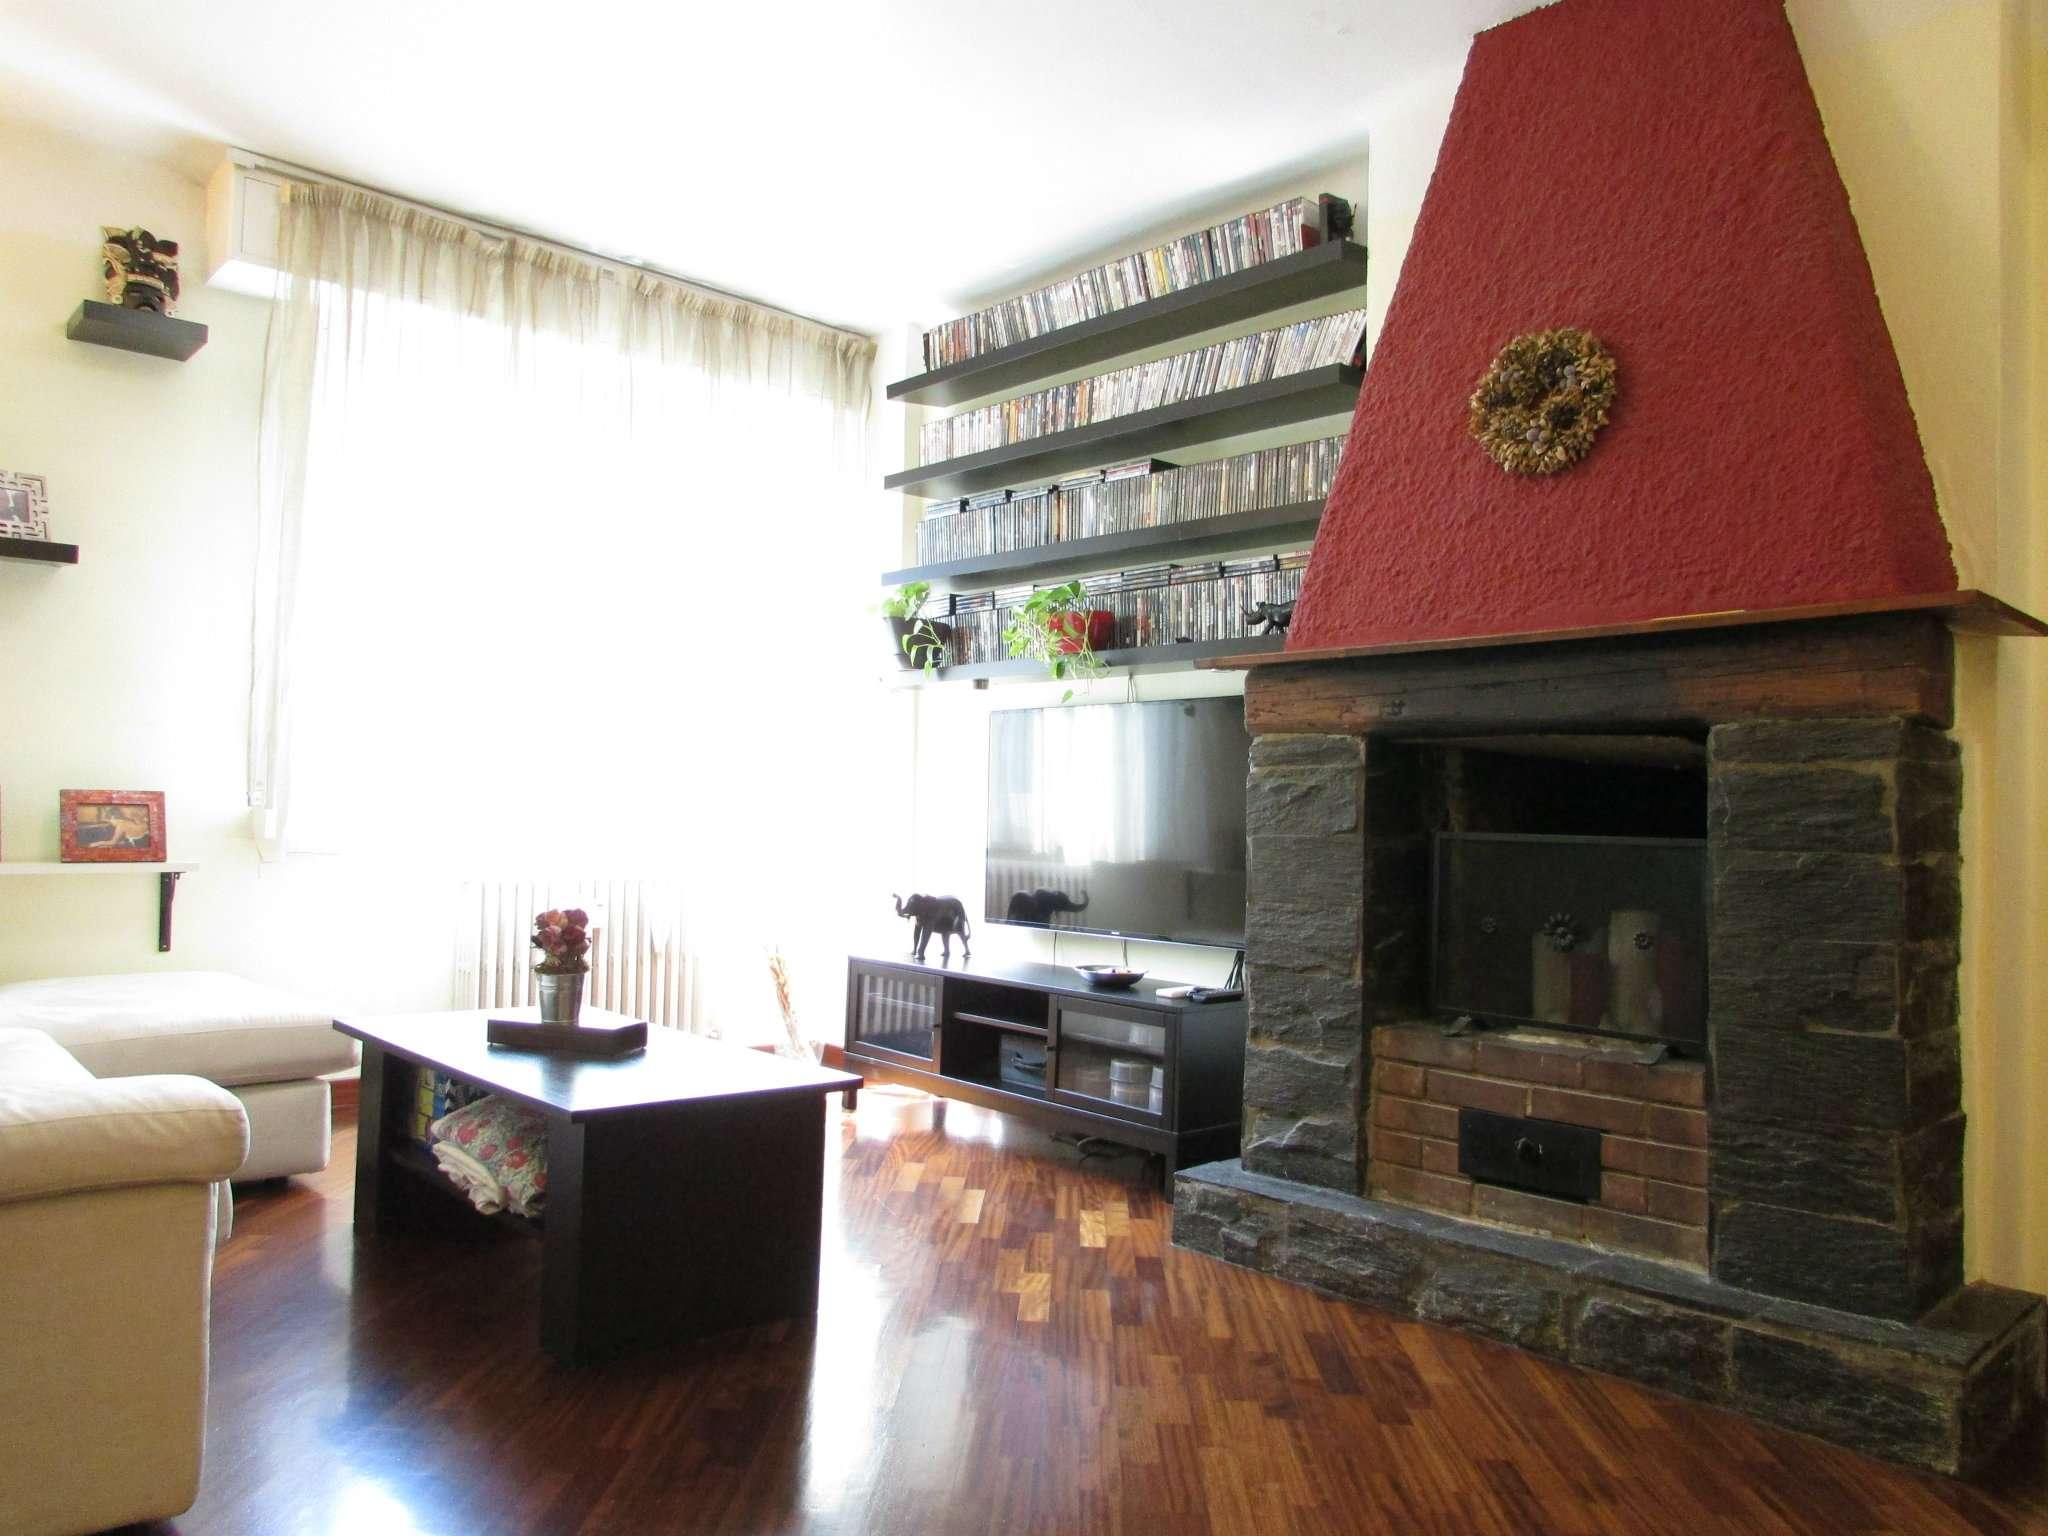 Appartamento in vendita a Milano, 3 locali, zona Zona: 7 . Corvetto, Lodi, Forlanini, Umbria, Rogoredo, prezzo € 250.000 | CambioCasa.it